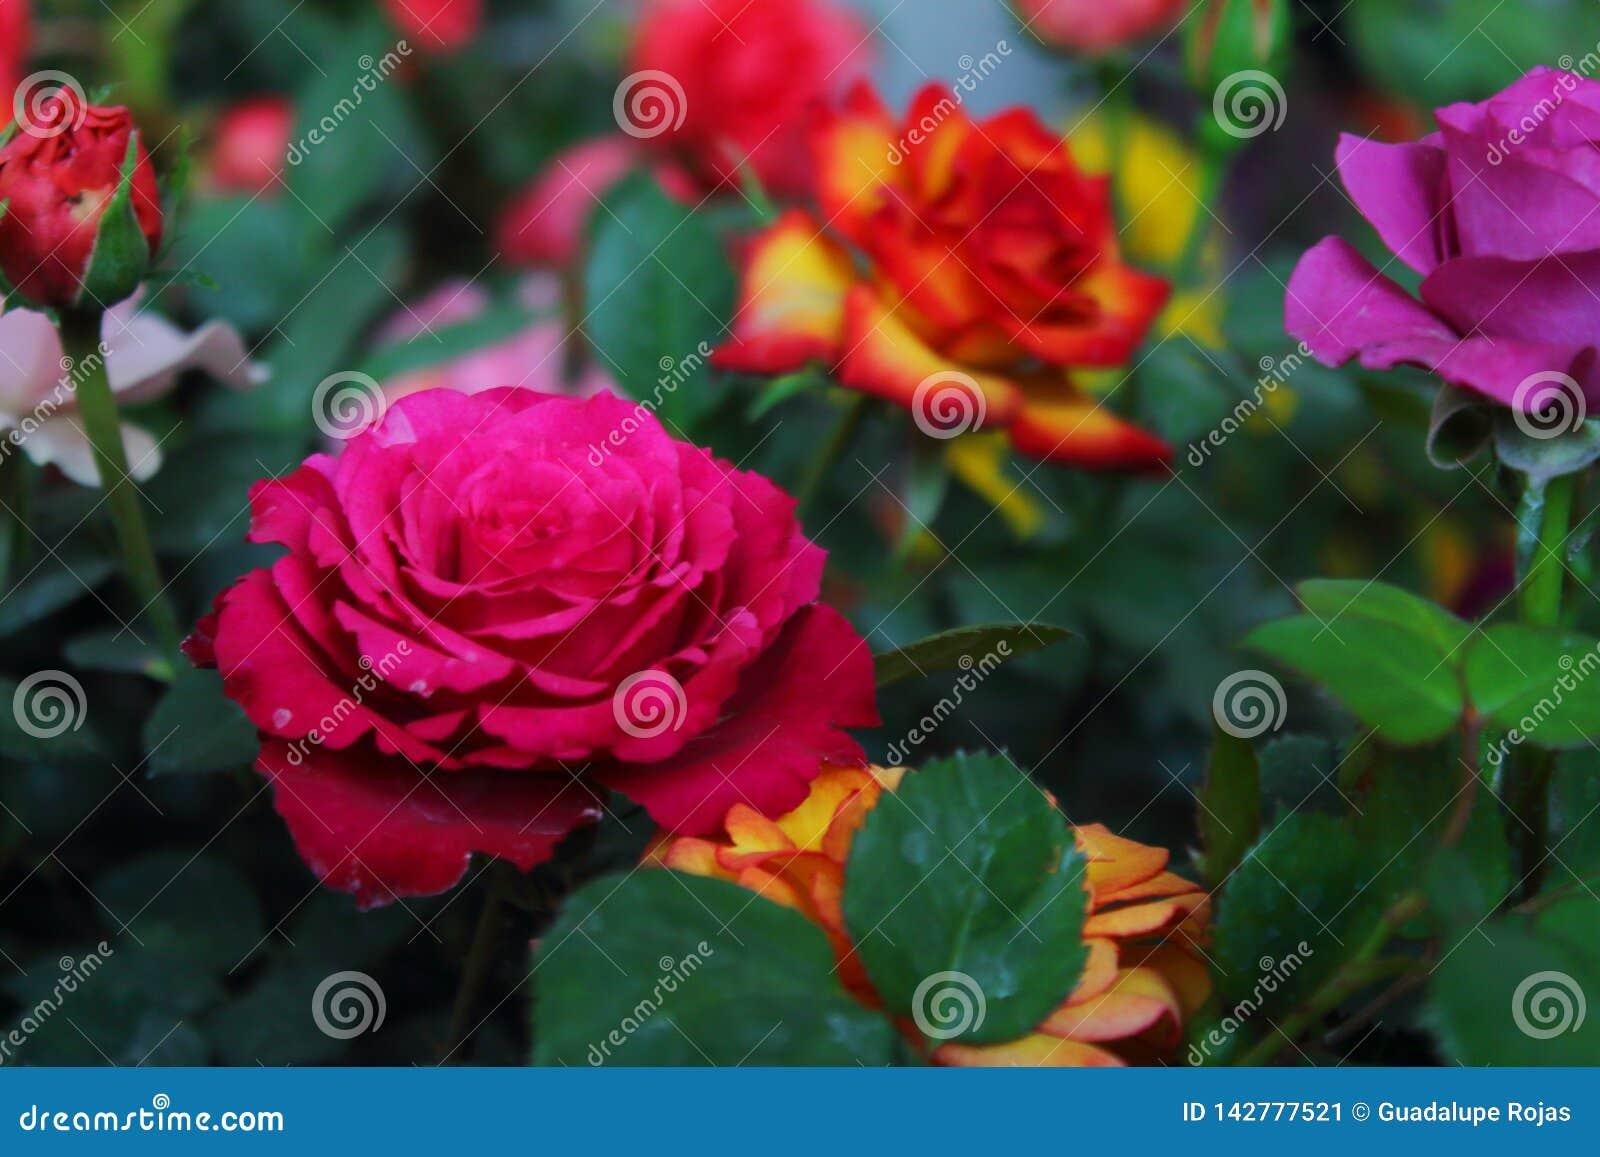 Flor de la rosa, con los pétalos en forma de corazón grandes, espinas dorsales en el tronco, colores brillantes y variados blanco